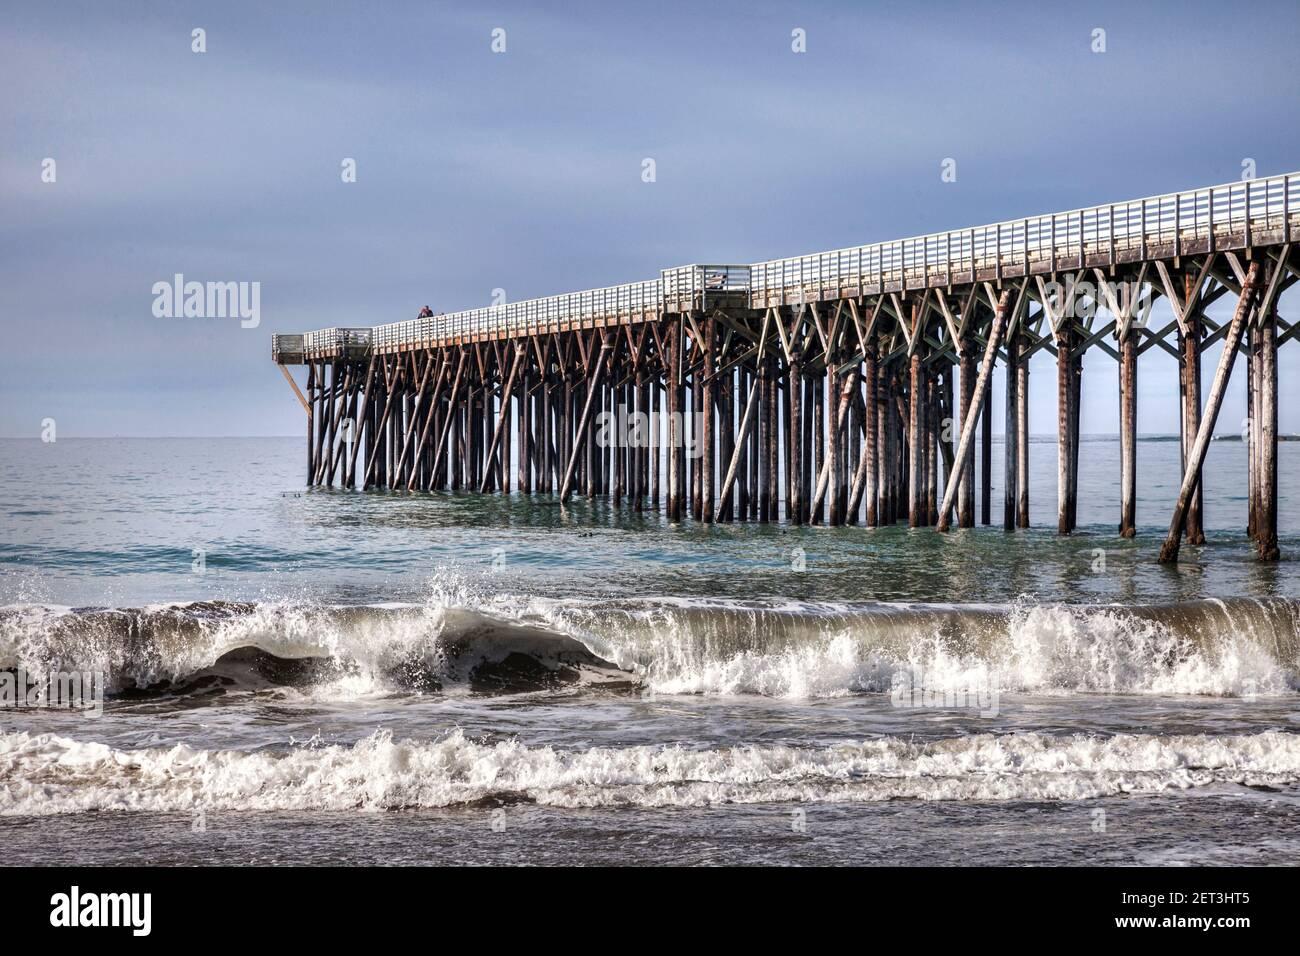 Muelle y surf en William Randolph Hearst Memorial State Beach, San Luis Obispo County, California, Estados Unidos. Foto de stock